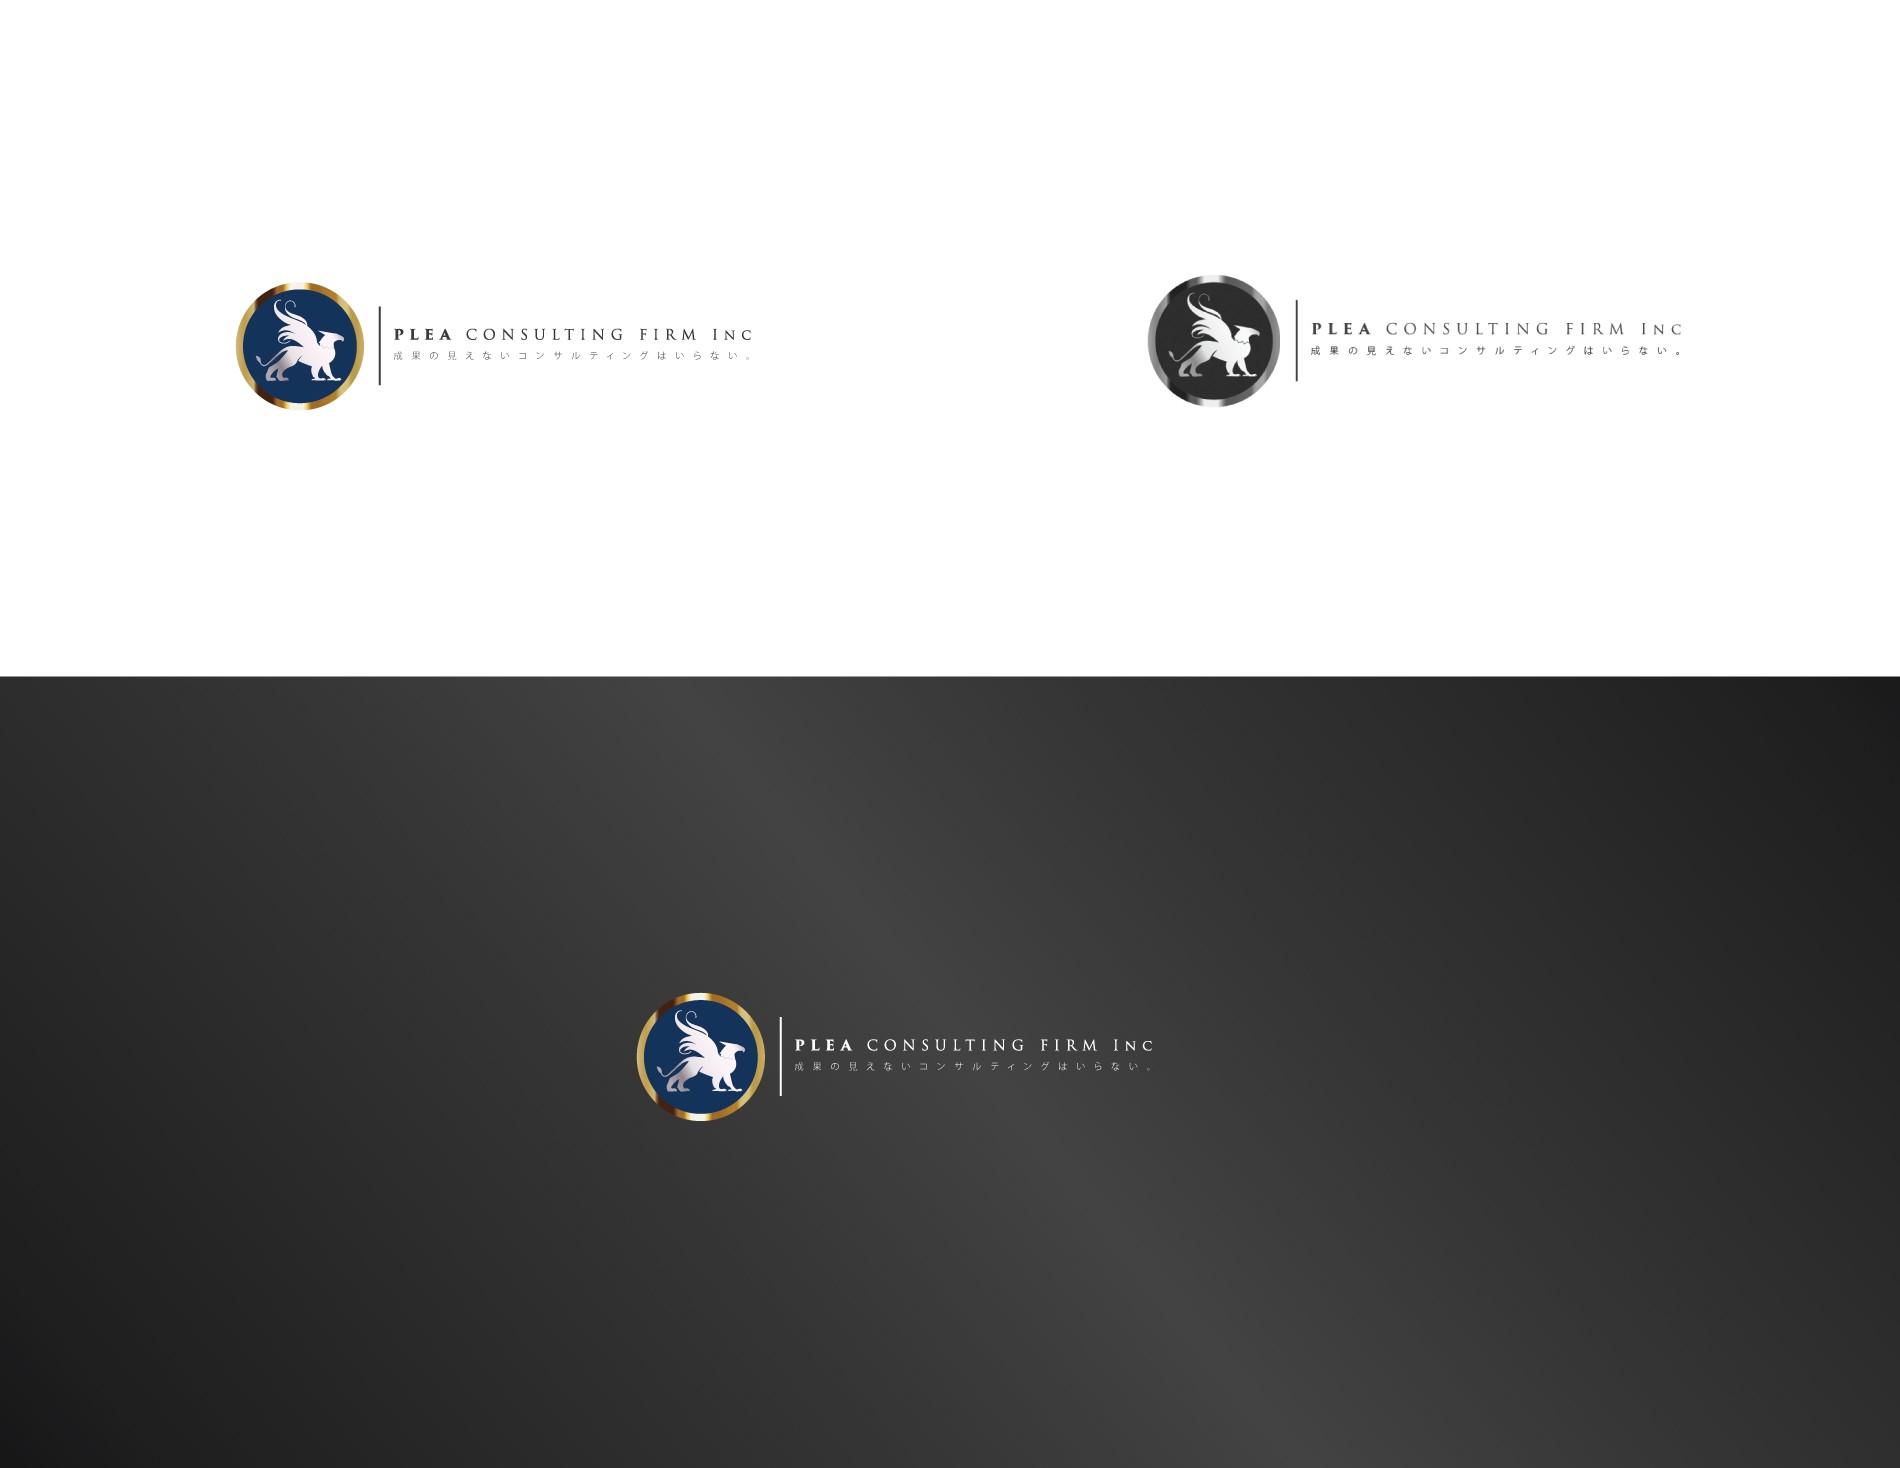 信頼性と厳粛さを伝えるロゴデザインをお願い致します。( translate:I would like a logo design conveying reliability and dignity.)